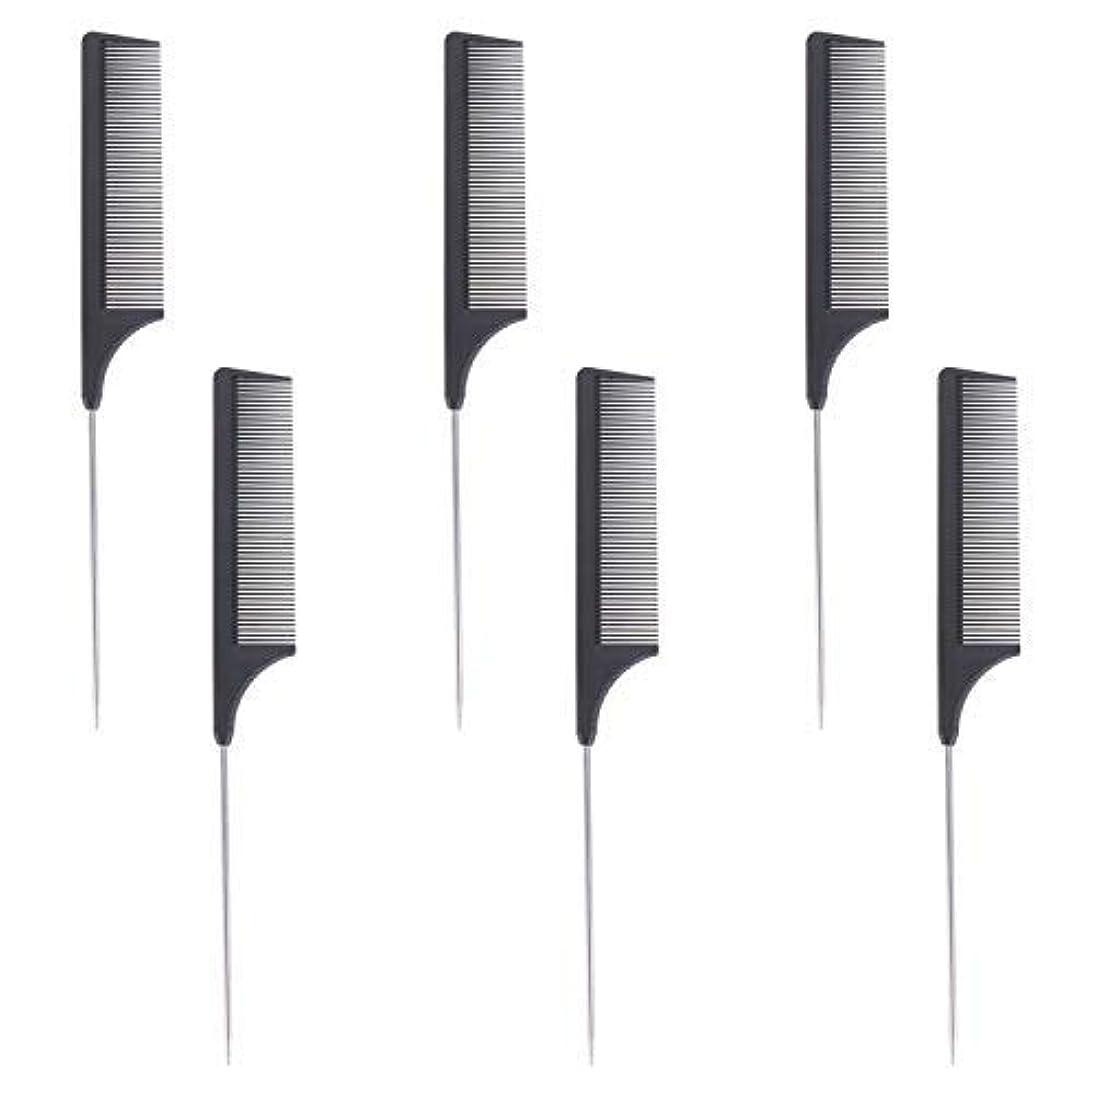 スカープくちばし優越6 Pieces Comb Black Tail Styling Comb Chemical Heat Resistant Teasing Comb Carbon Fiber Hair Styling Combs for...